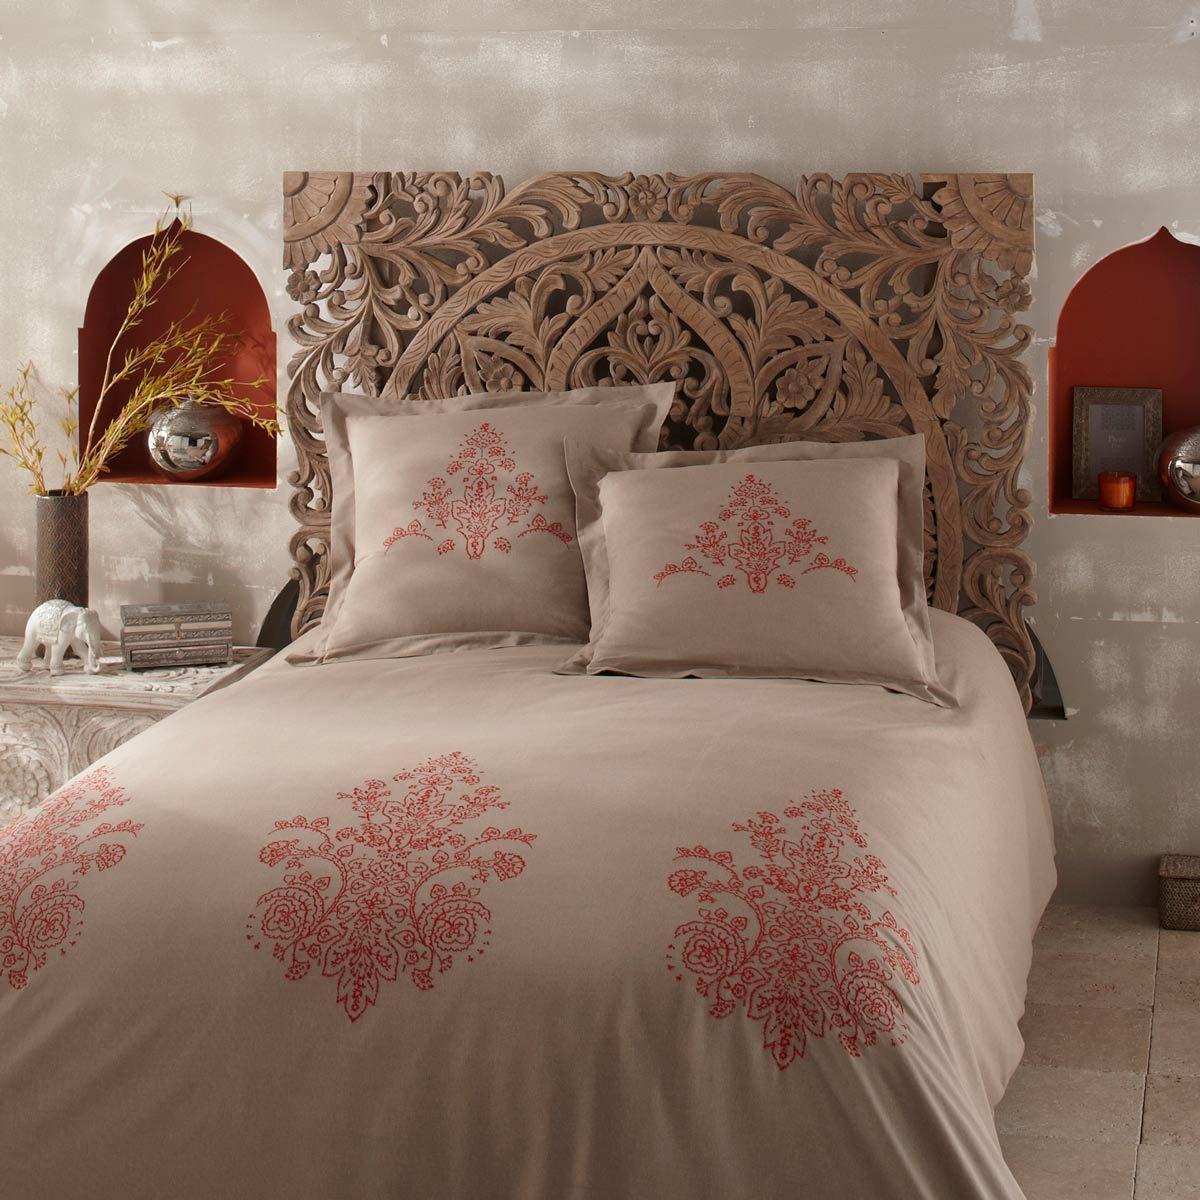 parure de lit 240 x 260 cm en coton beige et orange saraya maisons du monde furniture. Black Bedroom Furniture Sets. Home Design Ideas